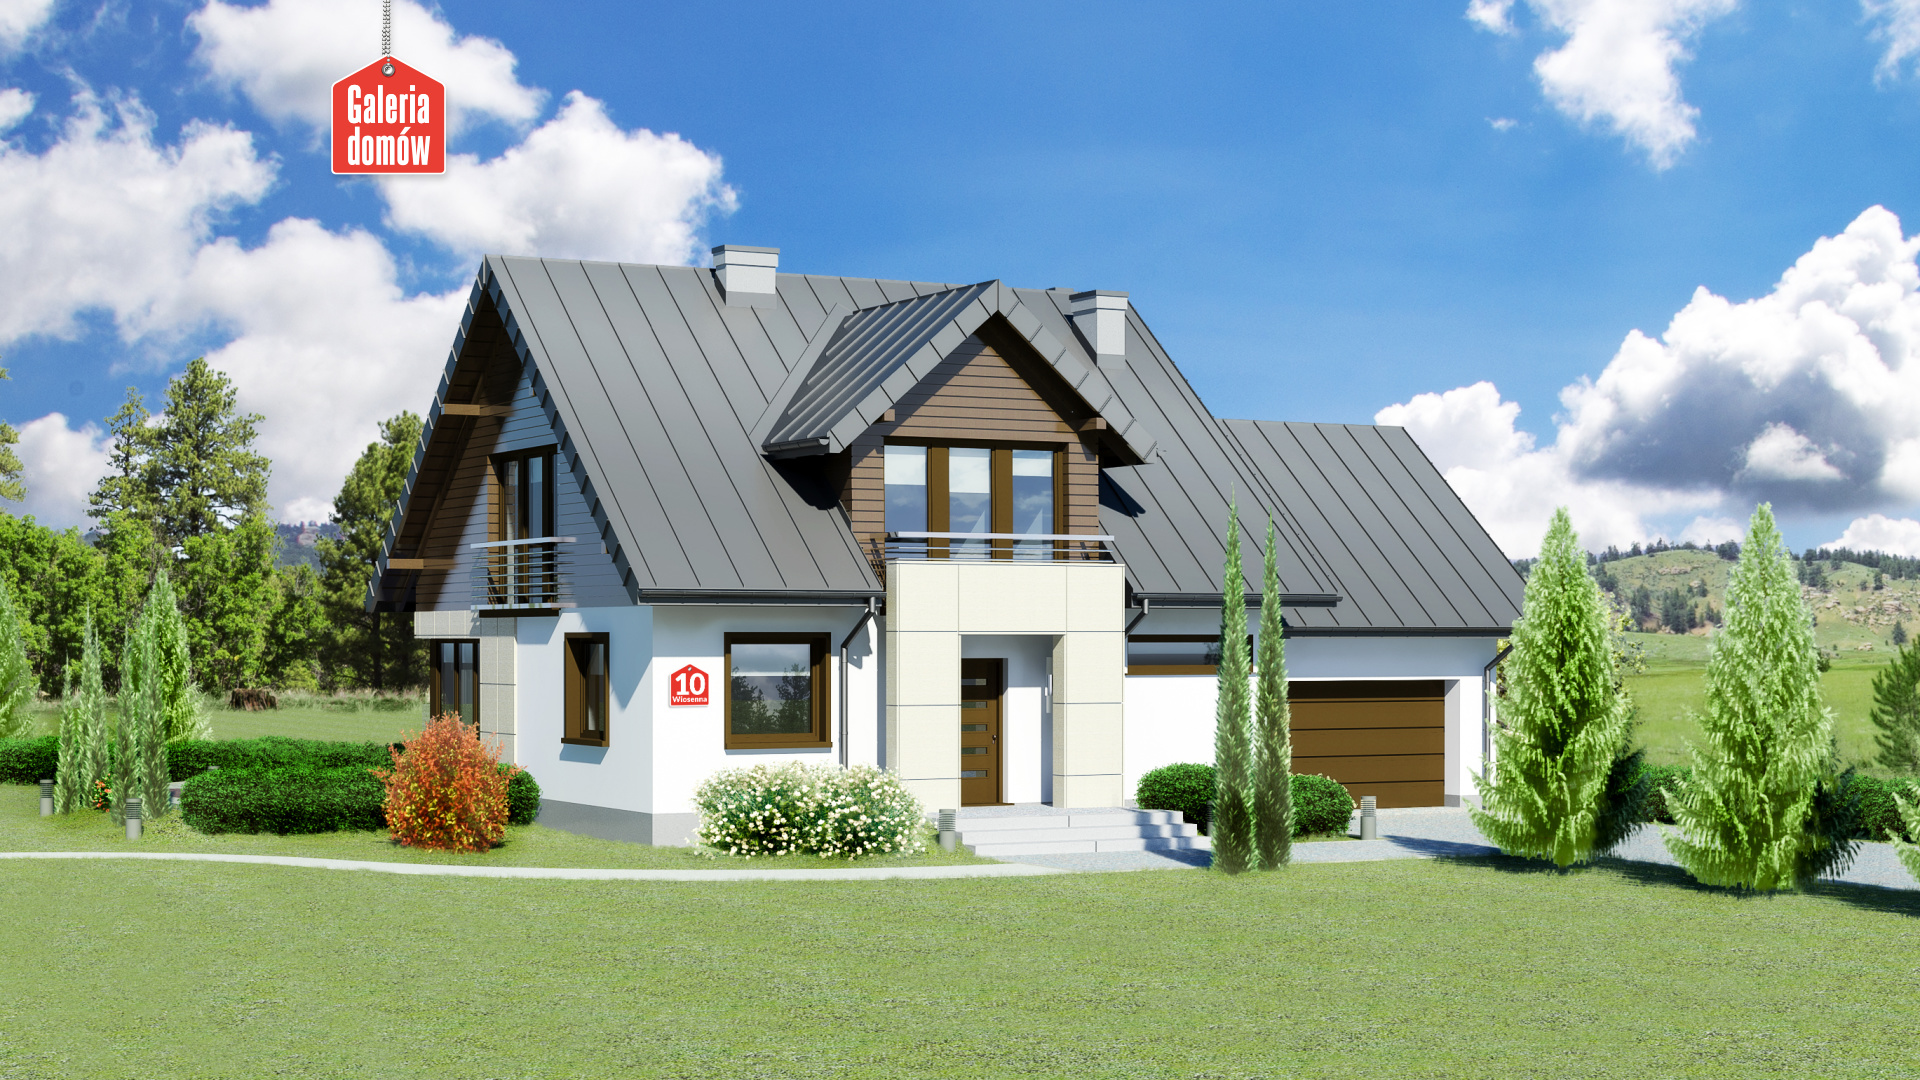 Dom przy Wiosennej 10 - zdjęcie projektu i wizualizacja